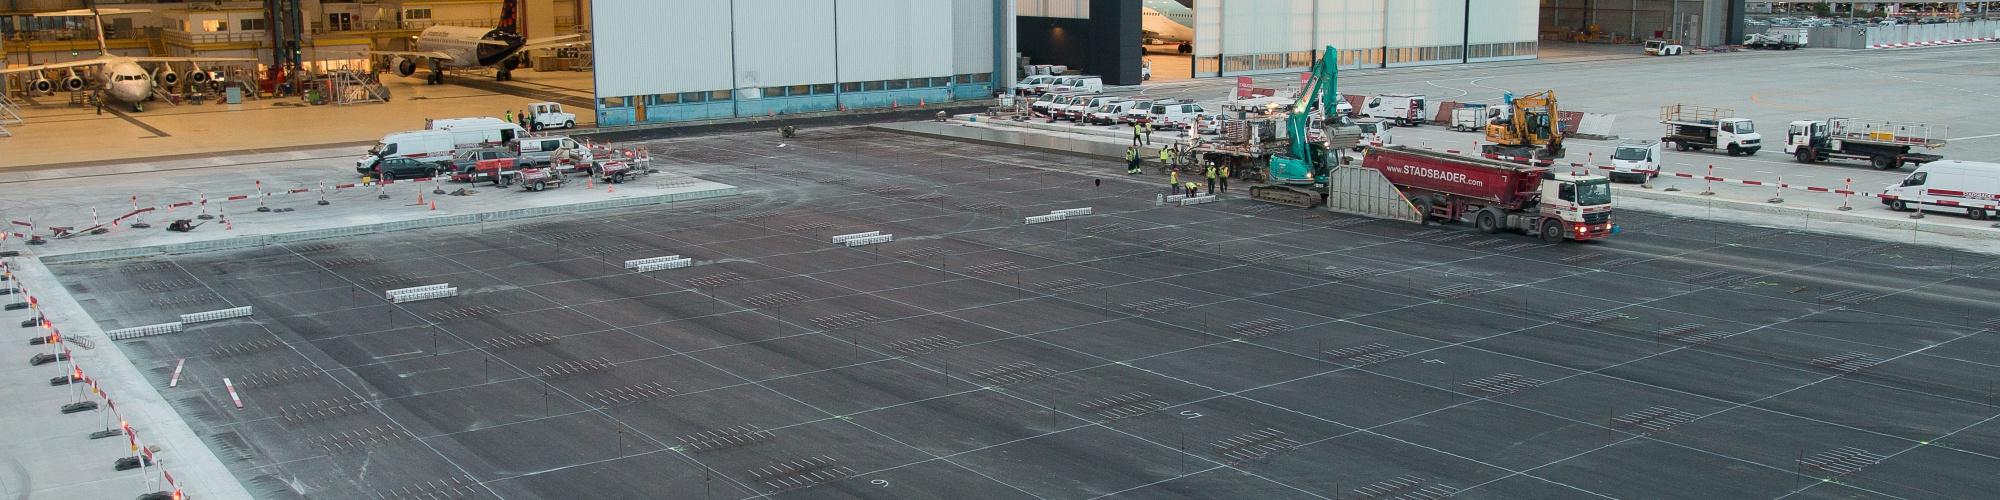 Concrete pavements  & linear elements